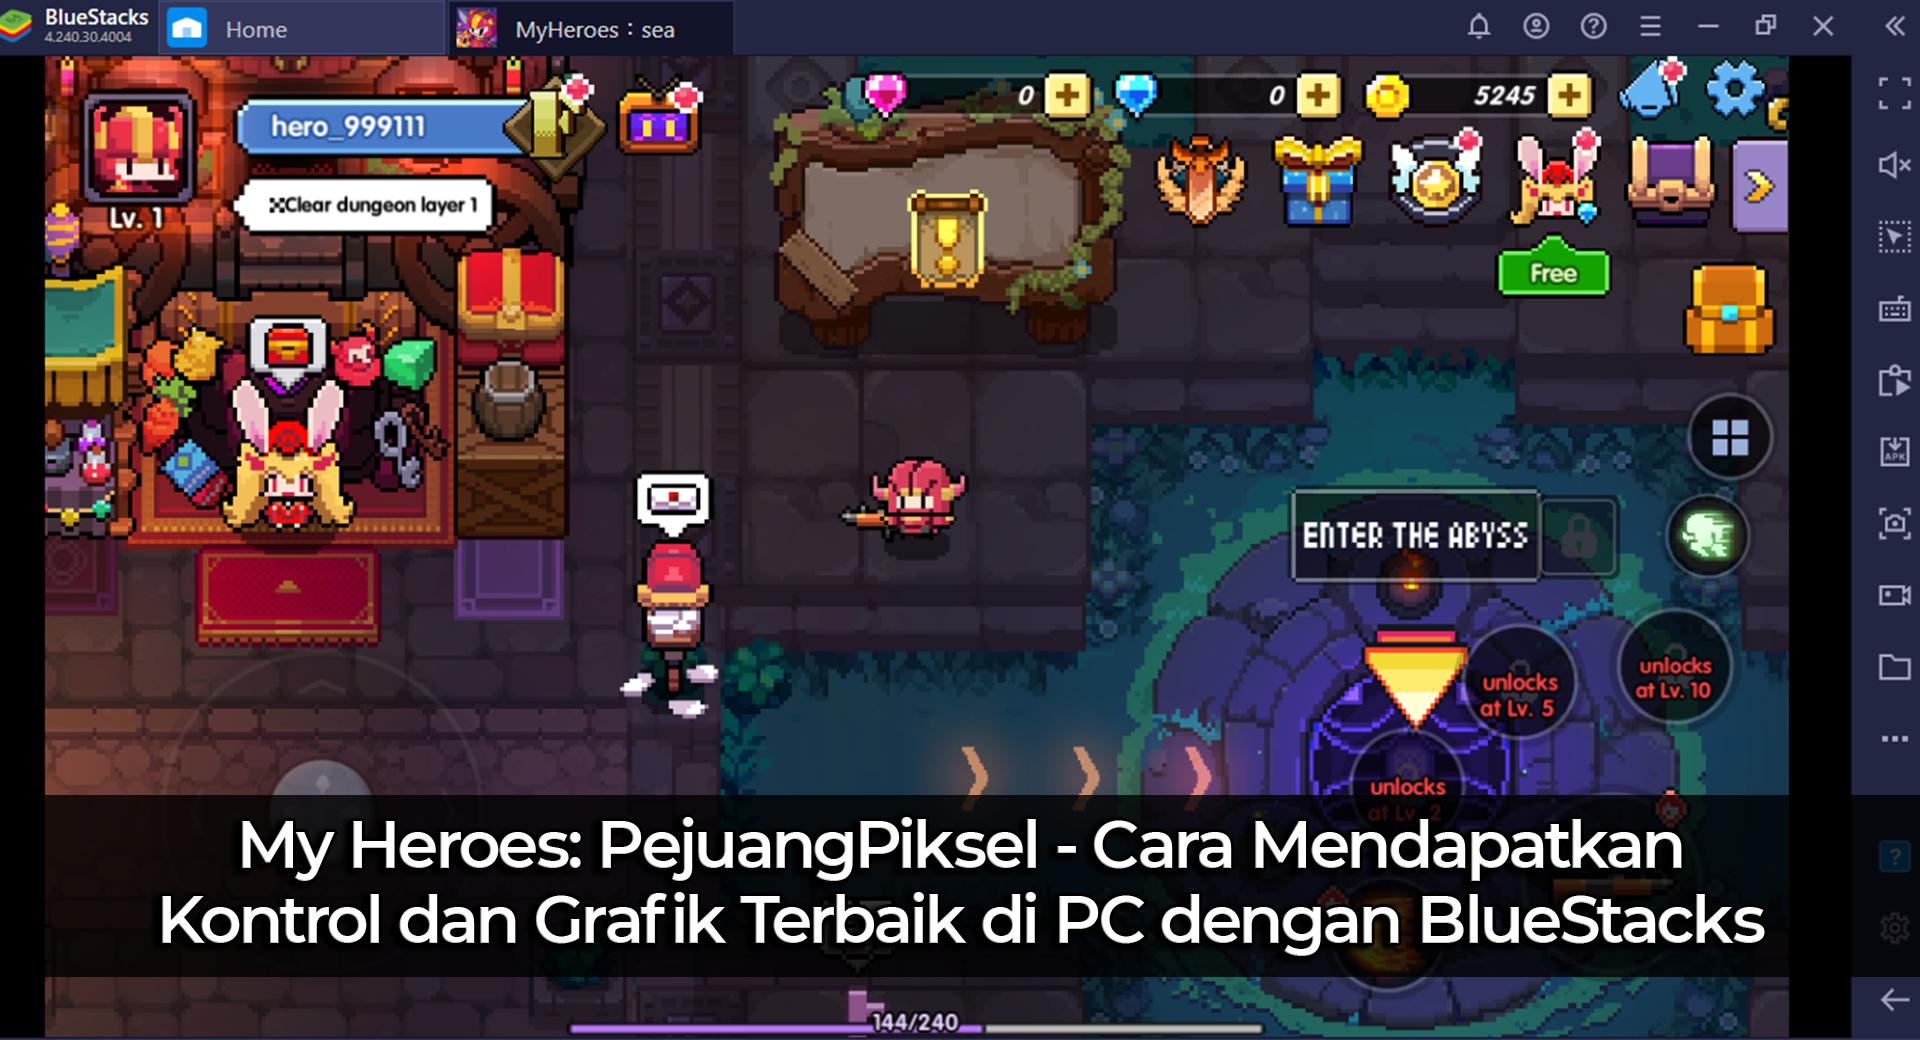 My Heroes: PejuangPiksel – Cara Mendapatkan Kontrol dan Grafik Terbaik di PC dengan BlueStacks